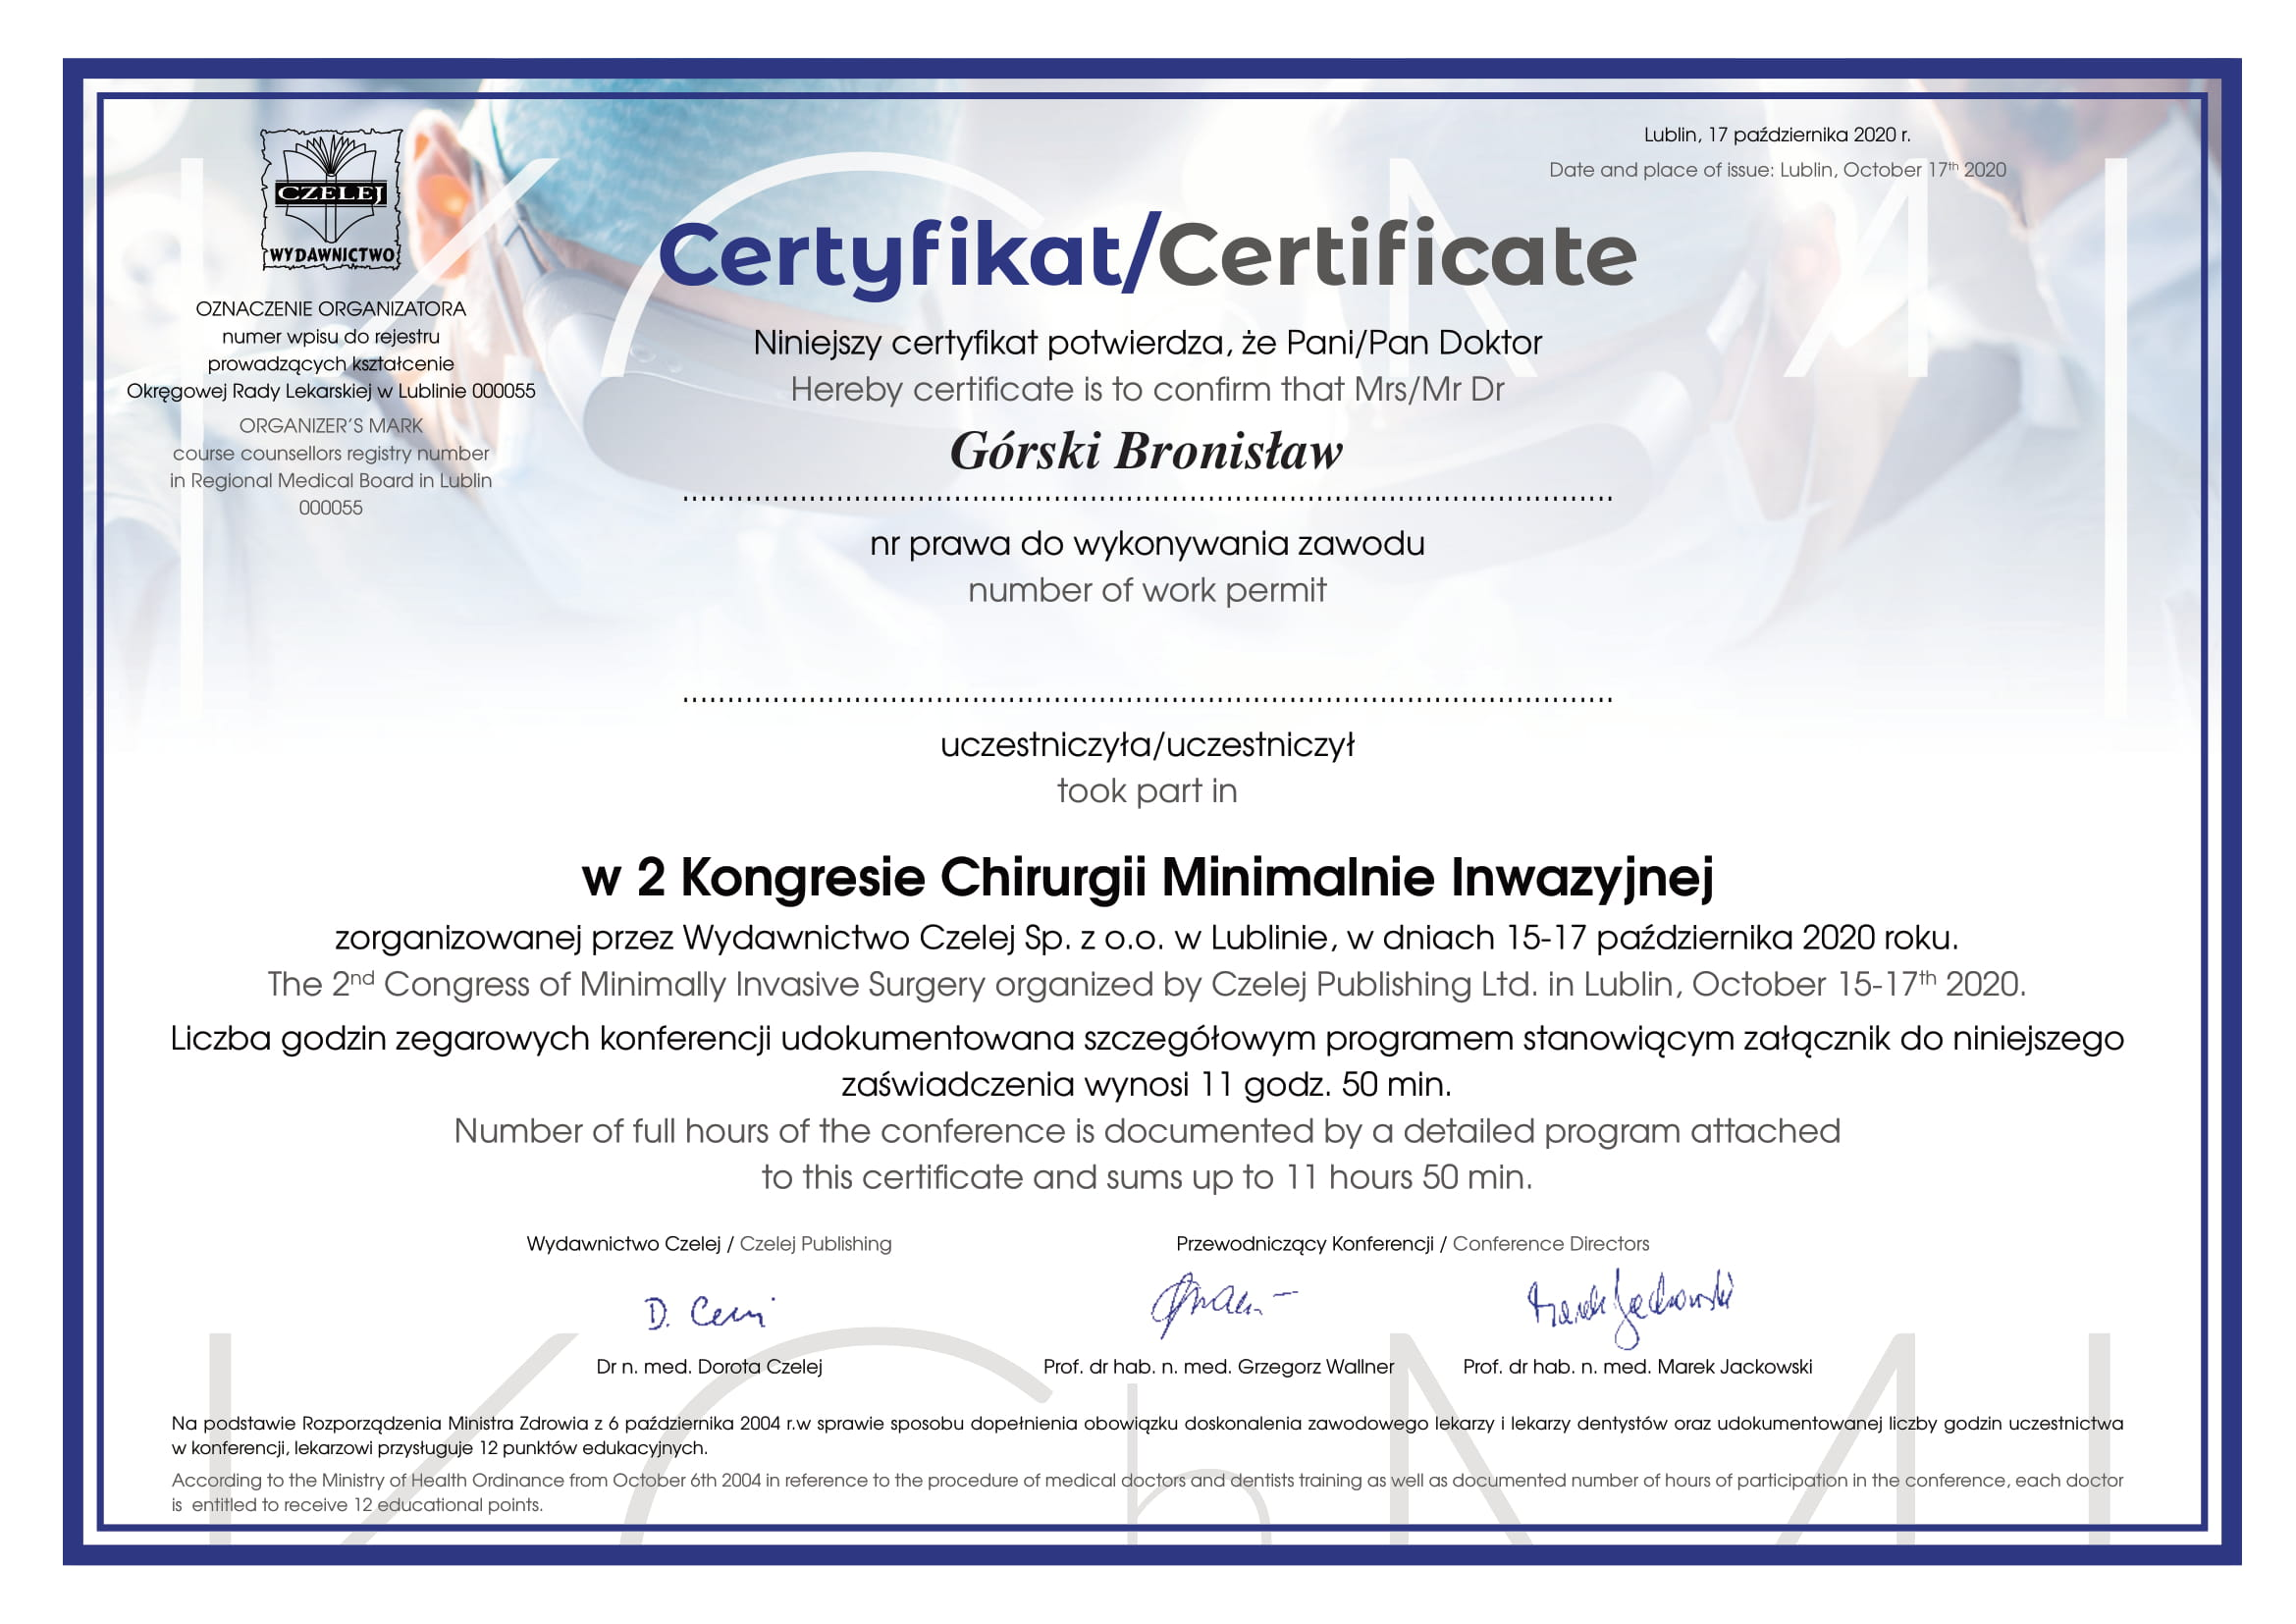 Certyfikat uczestniczenia w 2 kongresie chirurgii minimalnie inwazyjnej